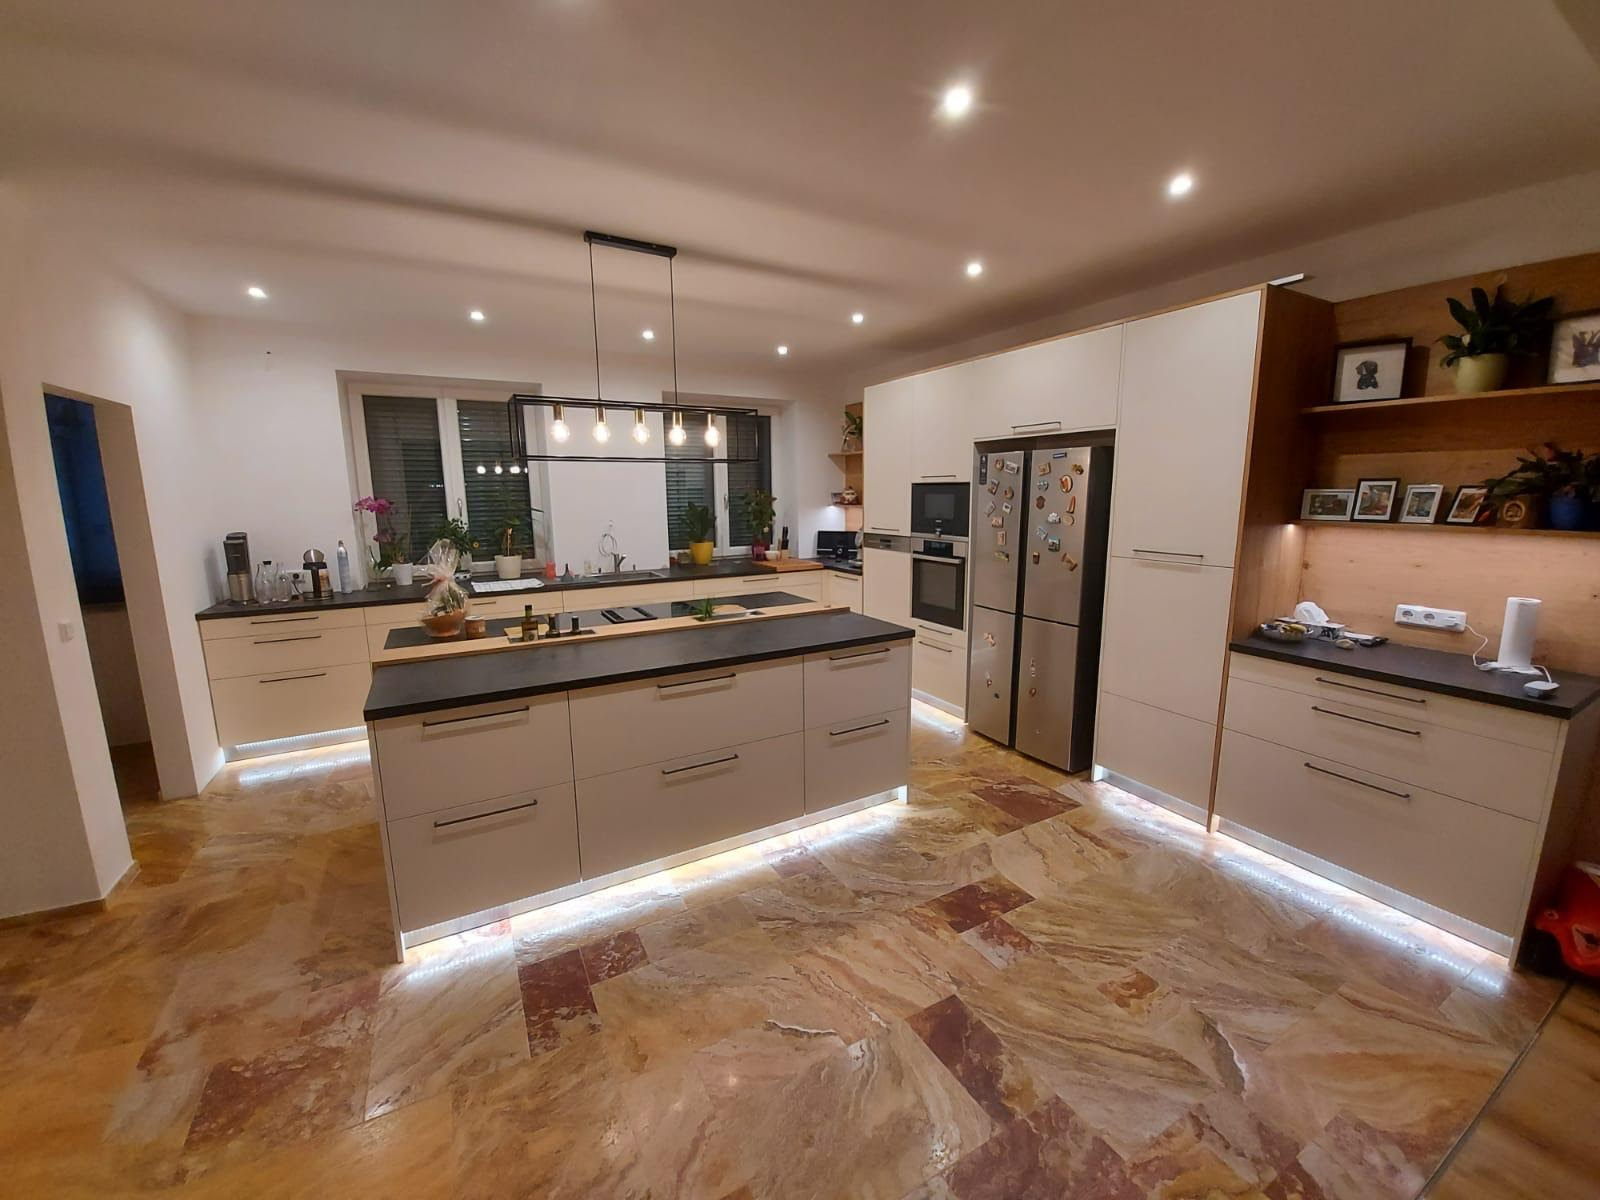 Küche mit Boden aus Natursteinfliesen